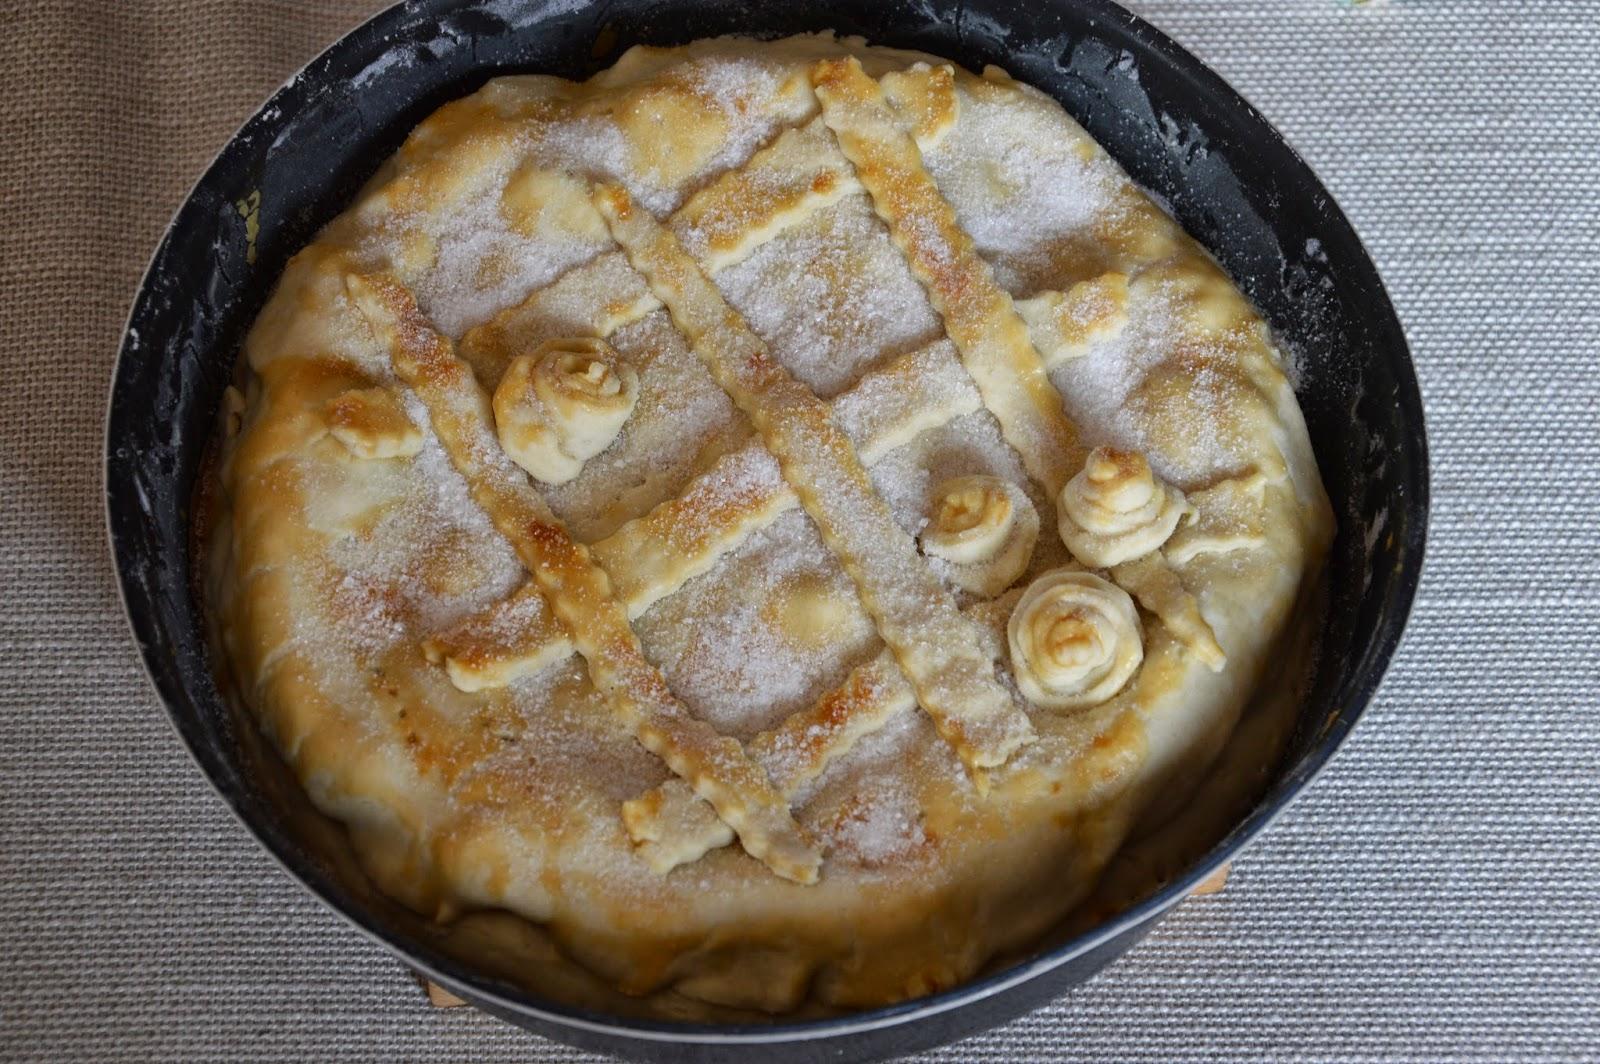 Viaggi arte e cucina torta di mele apple pie